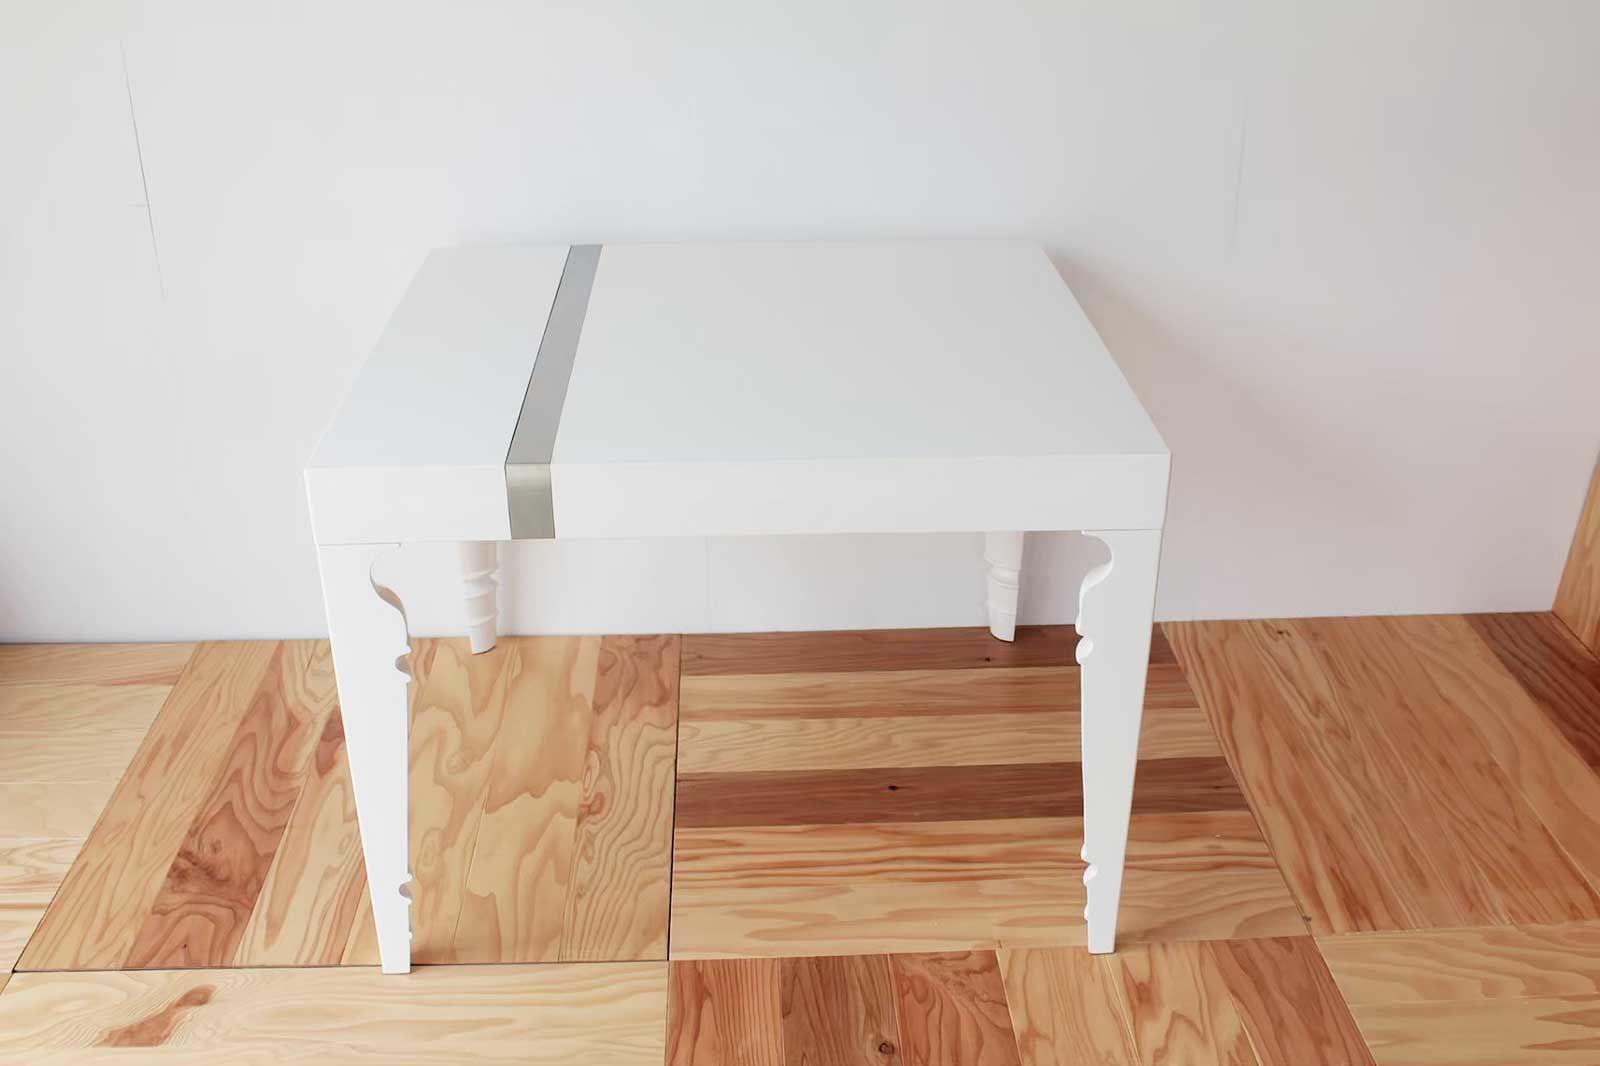 イギリス製の真白なテーブルを小さなサイズにリメイク(after)